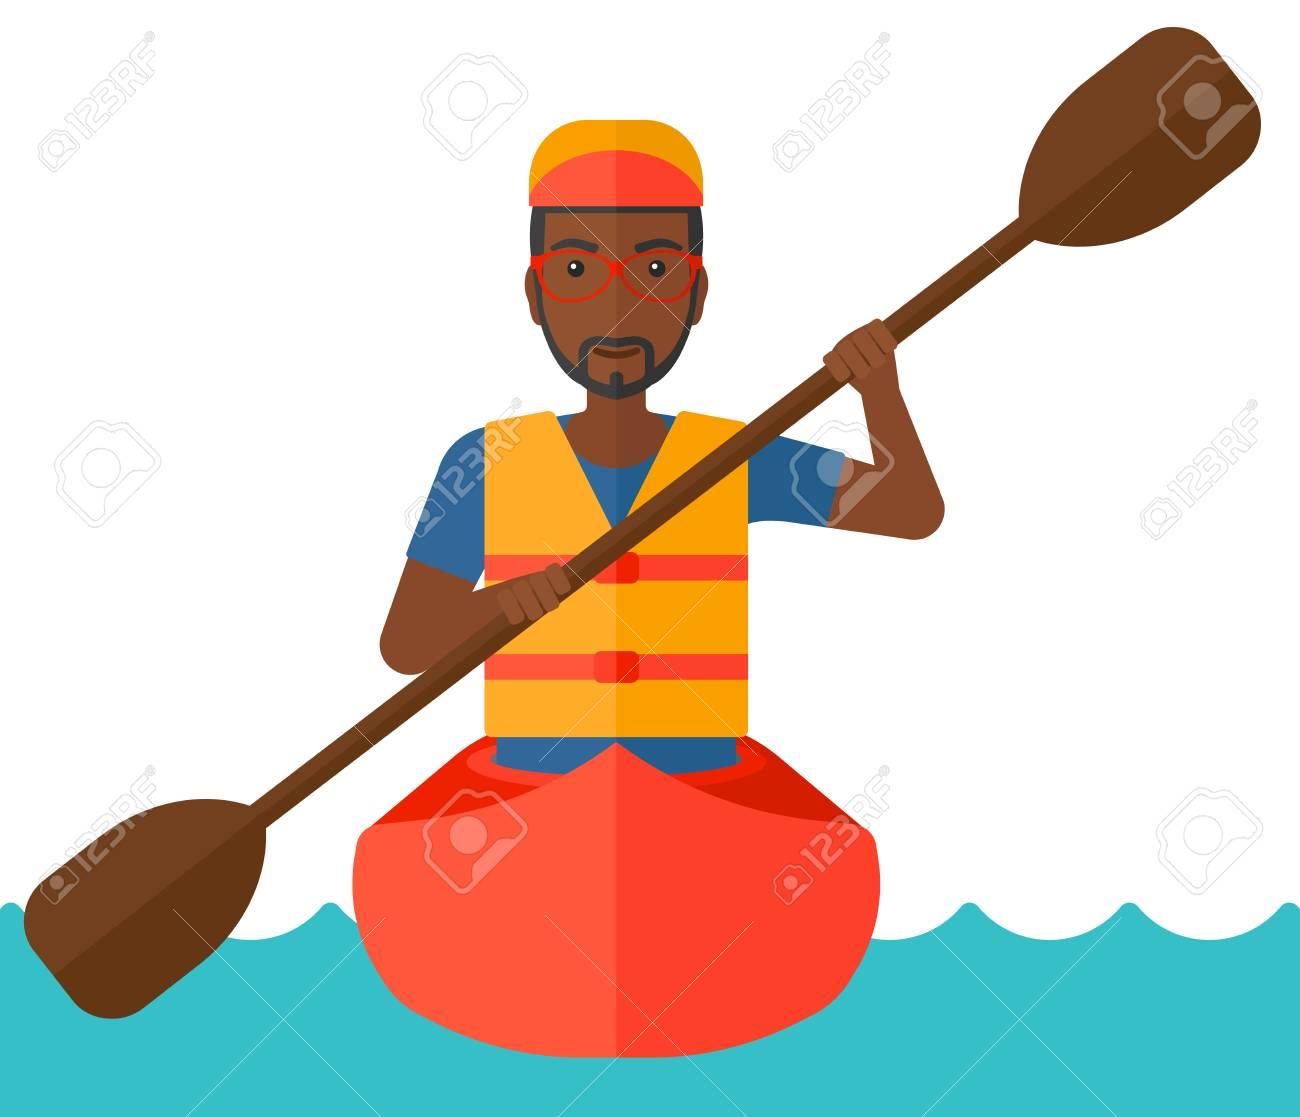 Man swinging oar